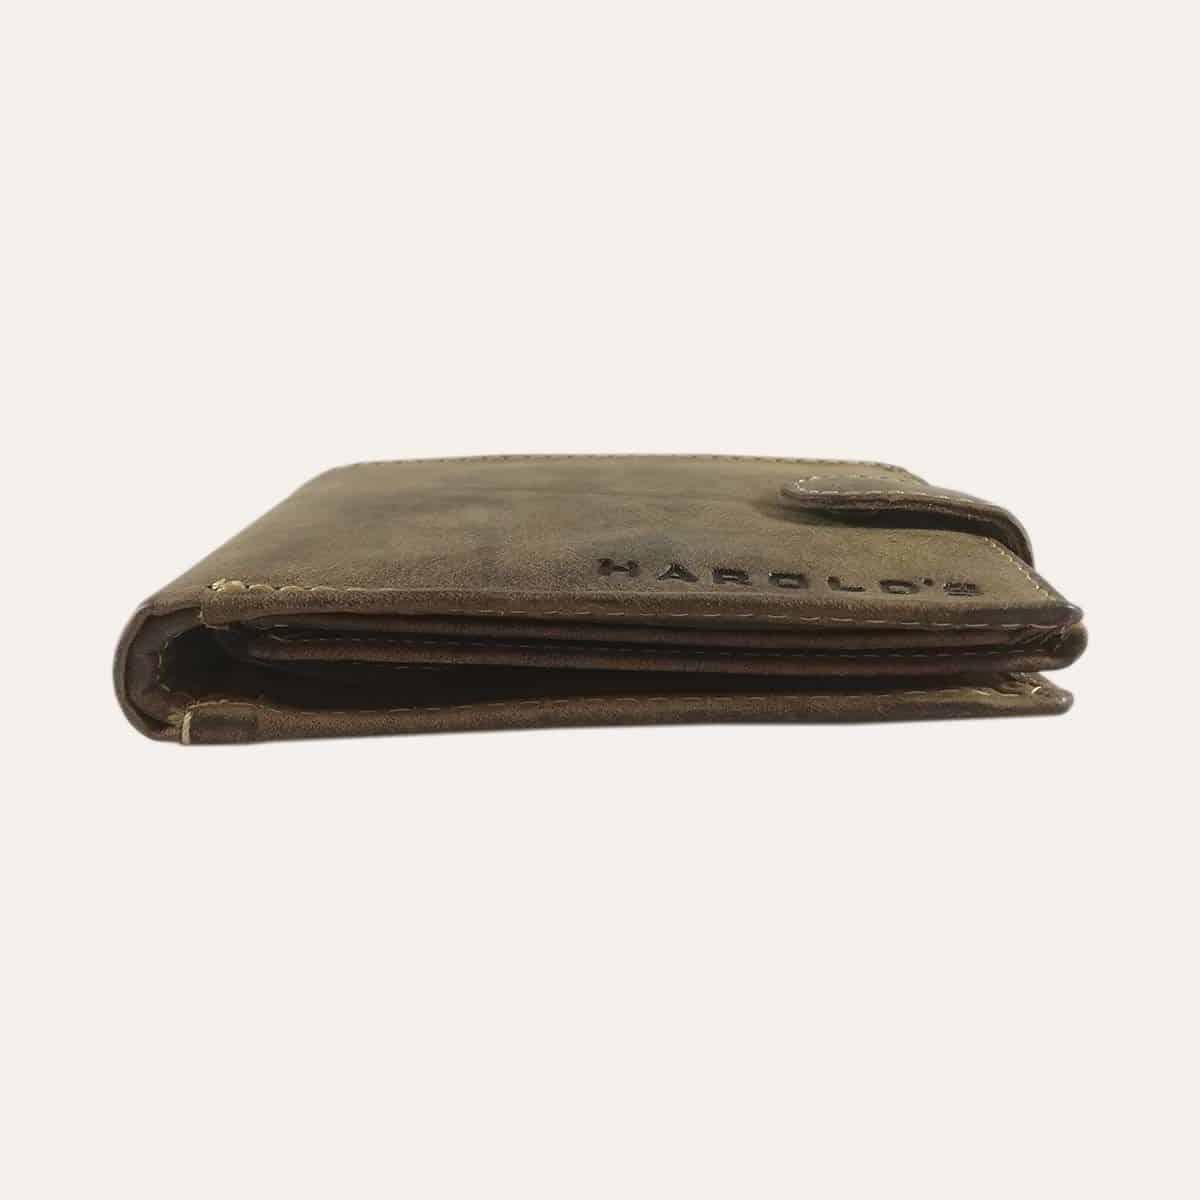 Pánská kožená peněženka Harold's hnědá se zapínáním